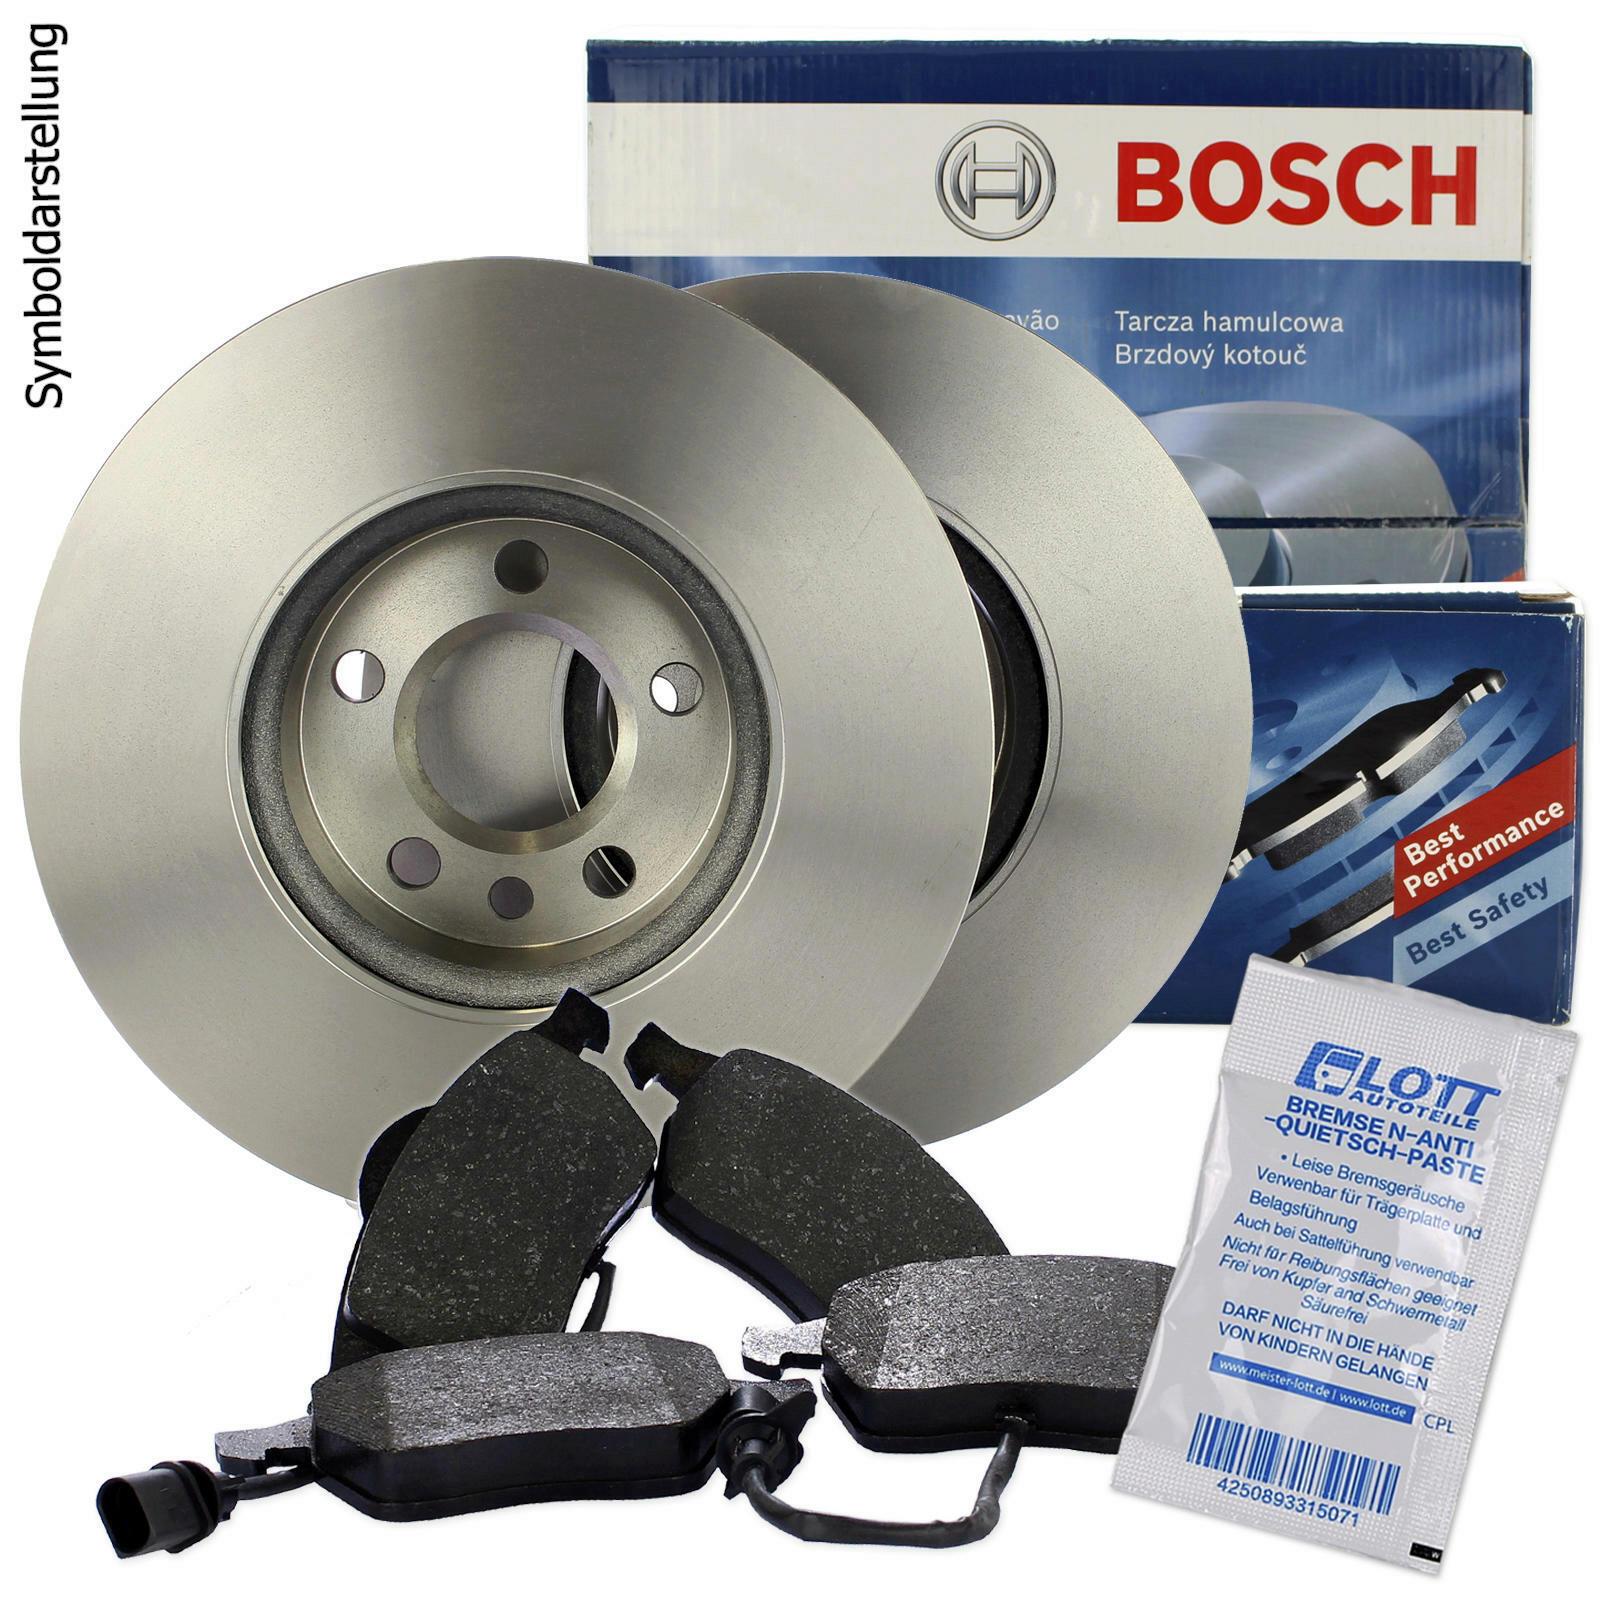 BOSCH Bremsscheiben + Bosch Bremsbeläge